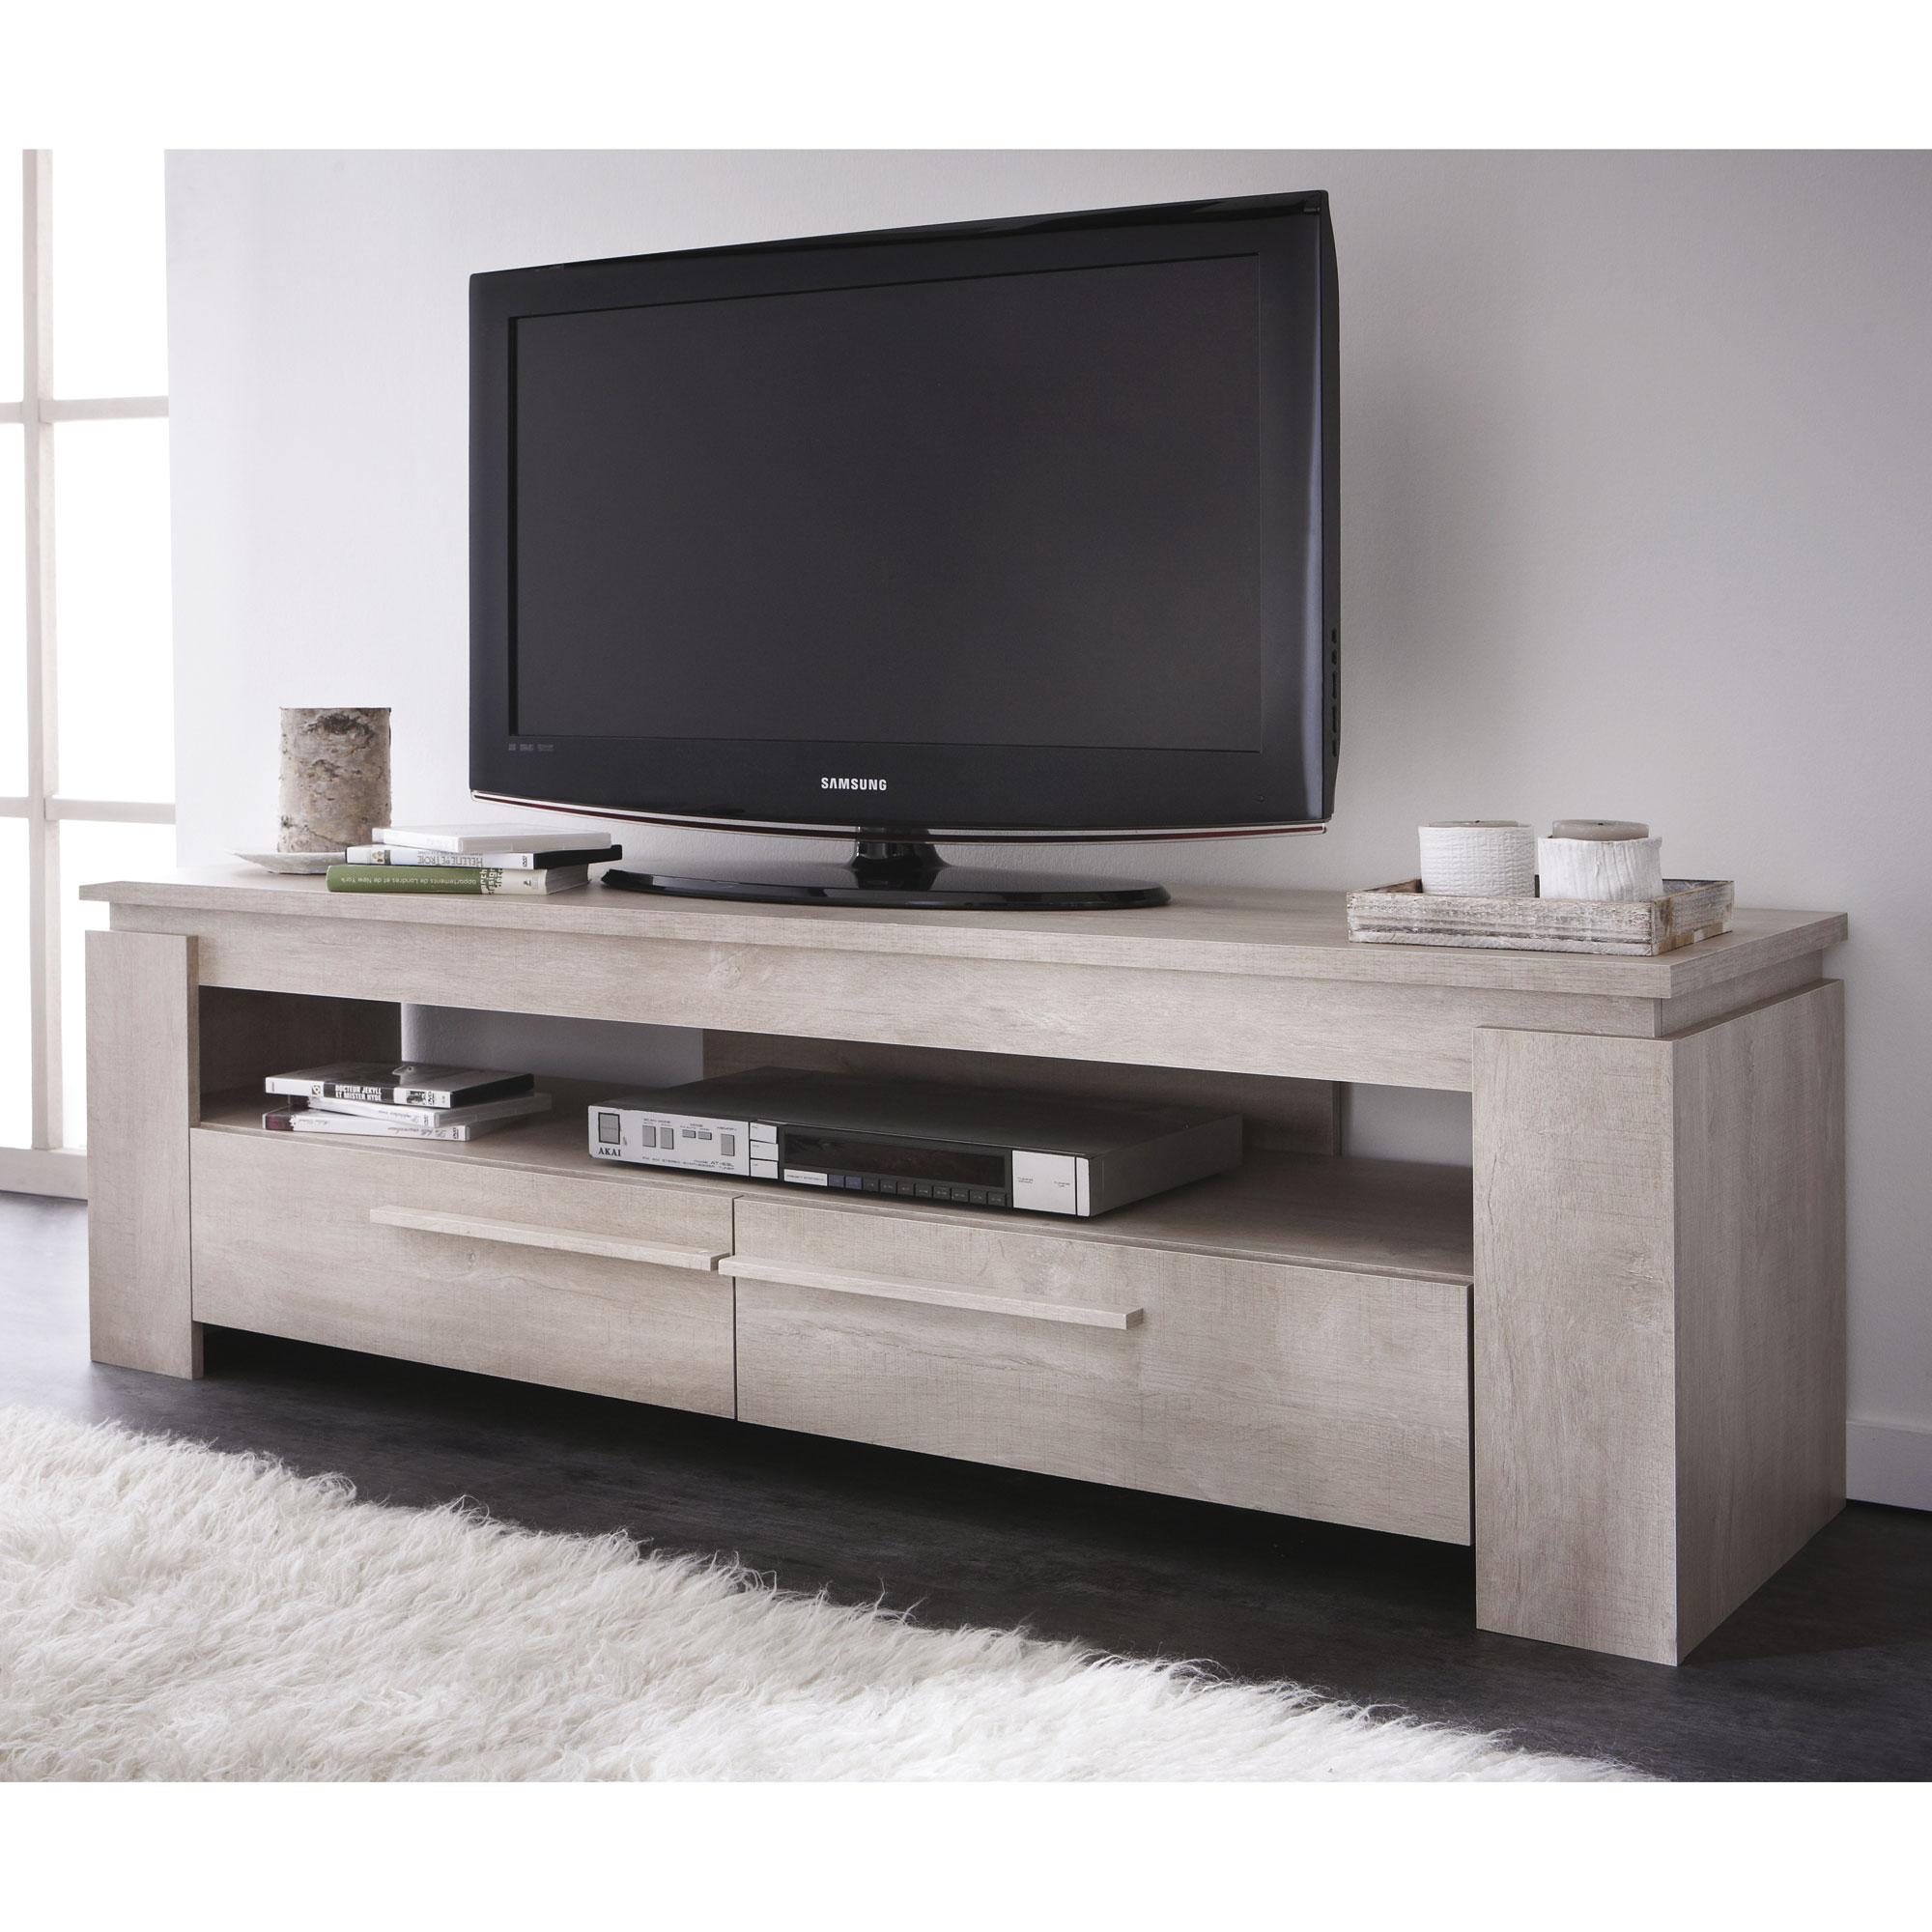 Meuble tele bois et blanc mobilier design d coration d for Meuble bas tele